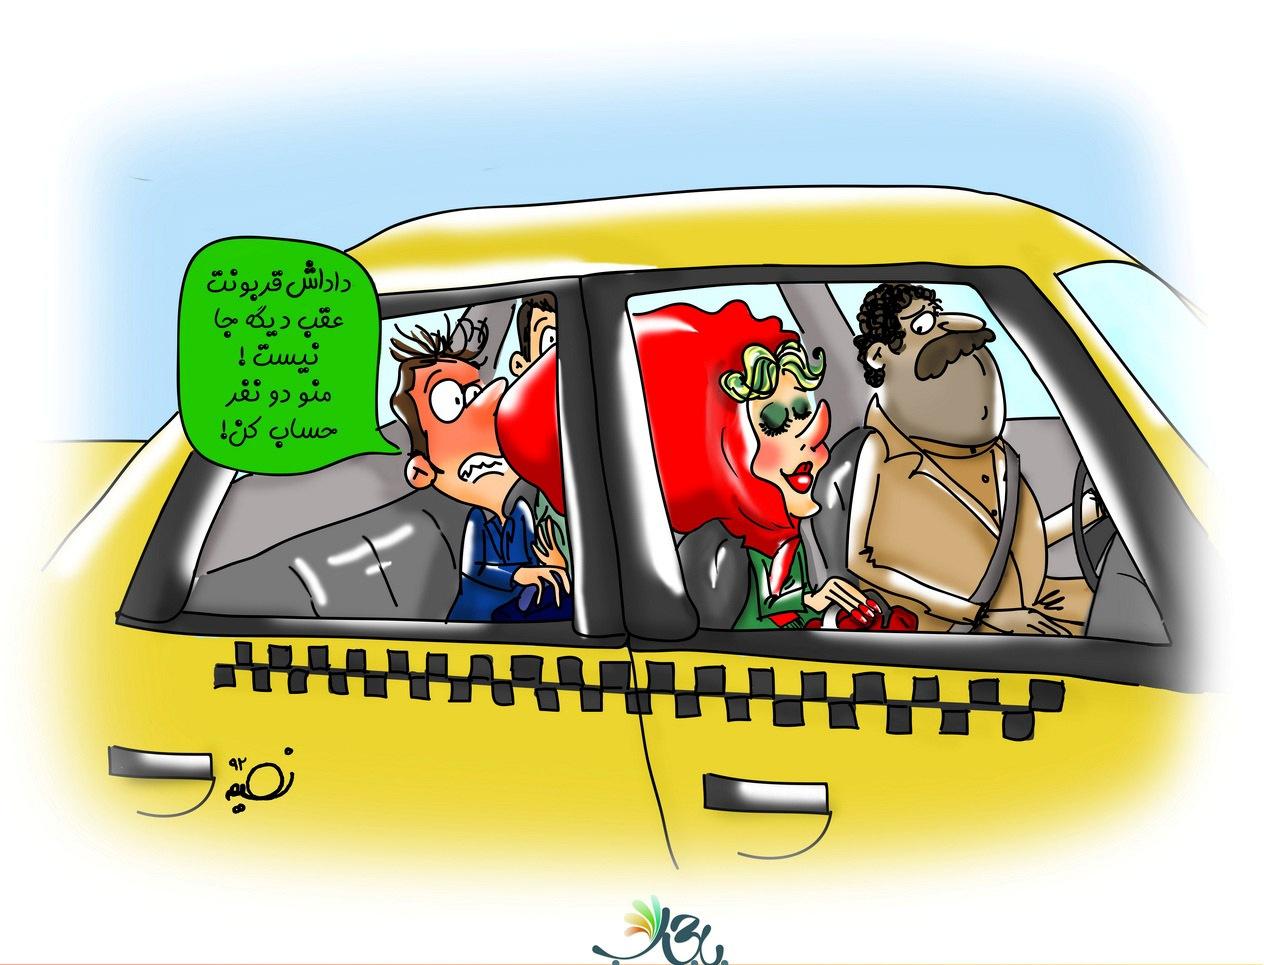 www.dustaan.com اس ام اس های جدید و خنده دار کلیپسی!